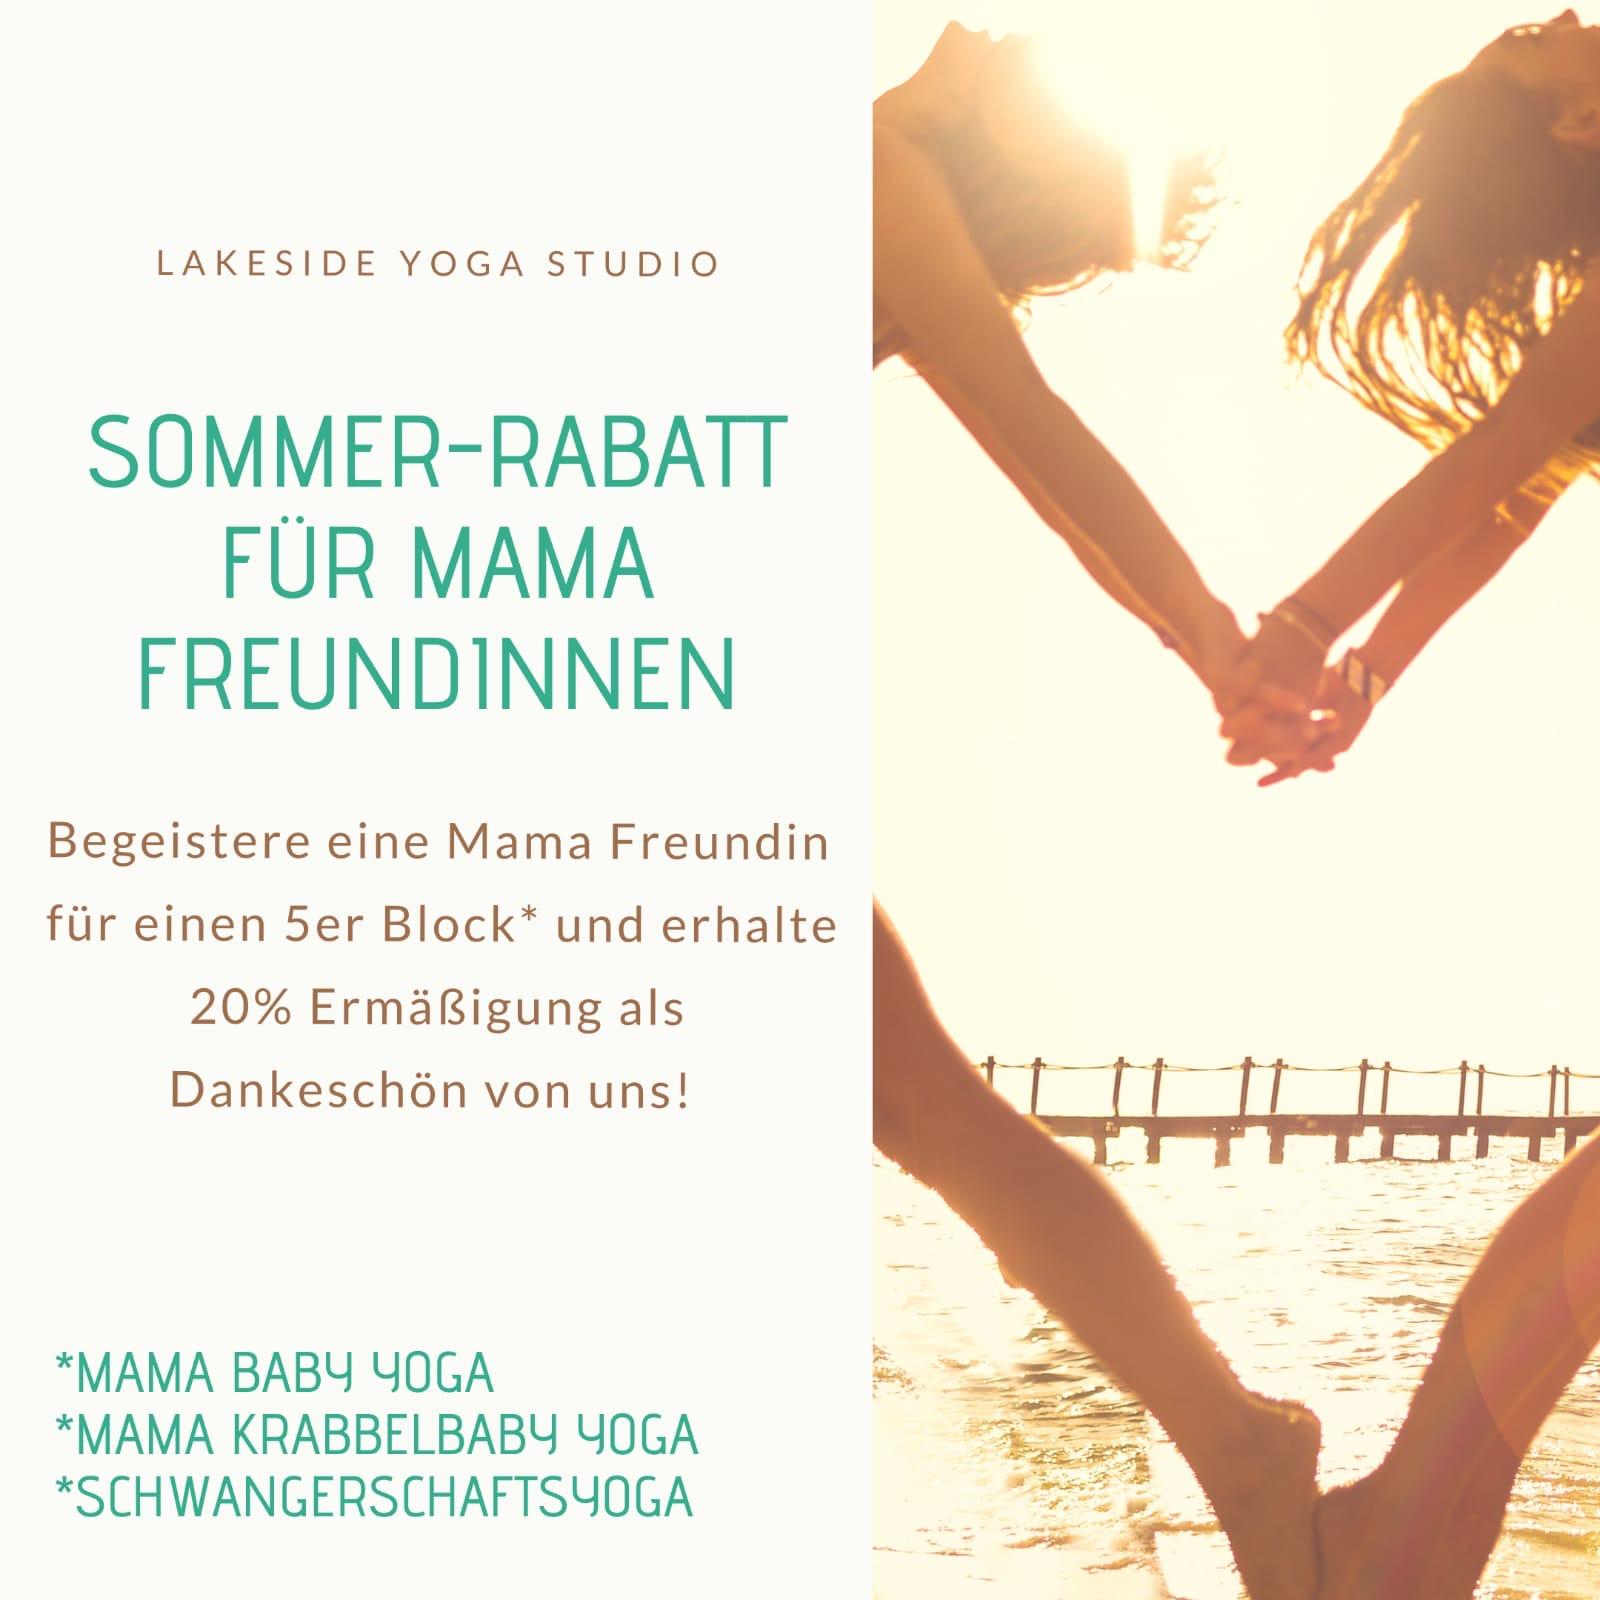 Sommer -Rabatt Für Mama Freundinnen